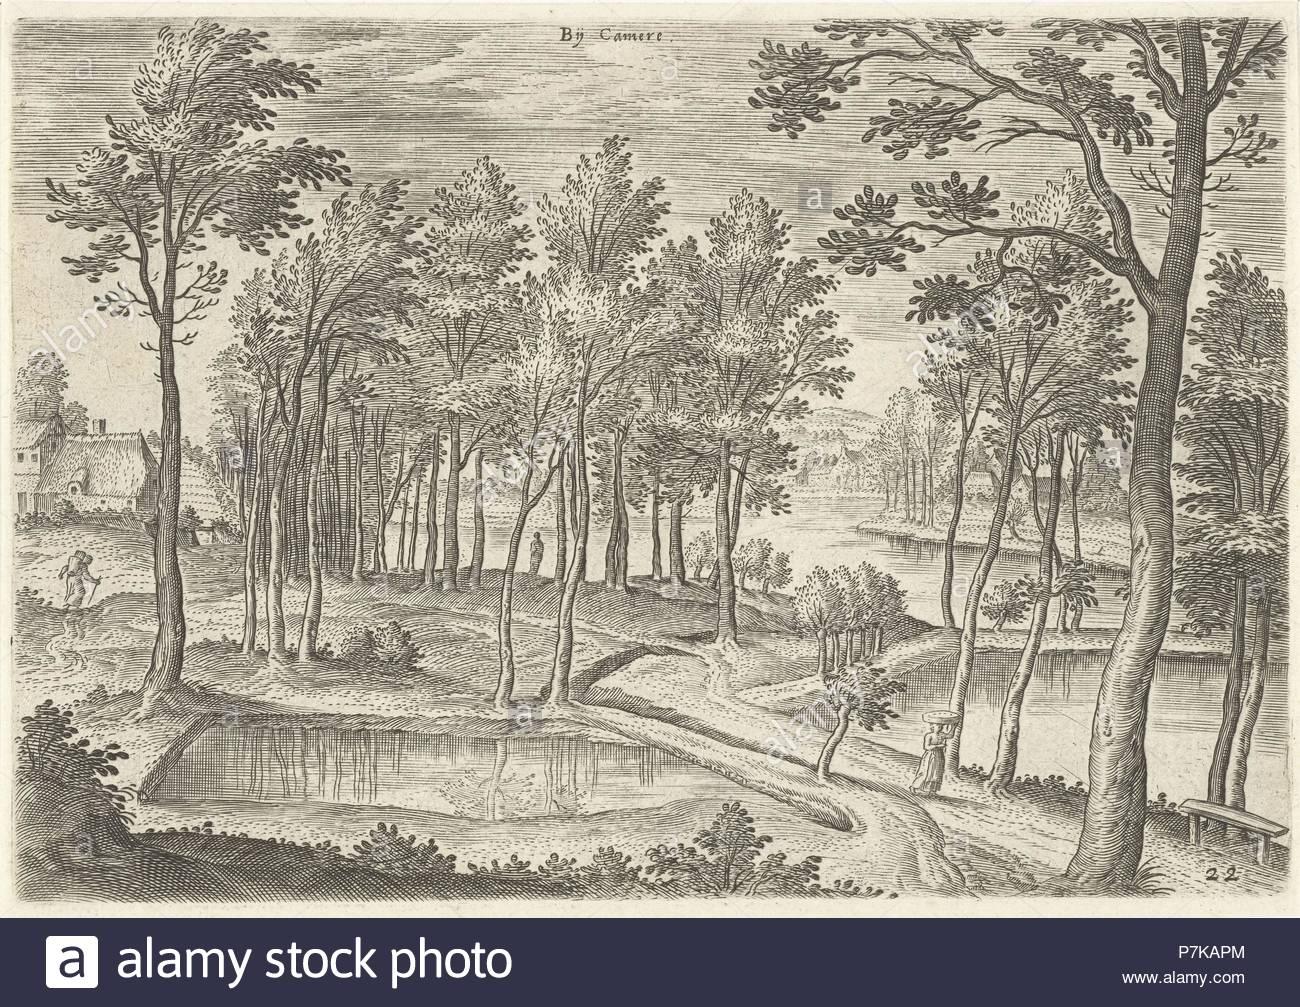 View of the ponds of Ter Kameren, La Cambre Brussels Belgium, Hans Collaert I, Hans Bol, Claes Jansz. Visscher II, 1530-1580. - Stock Image